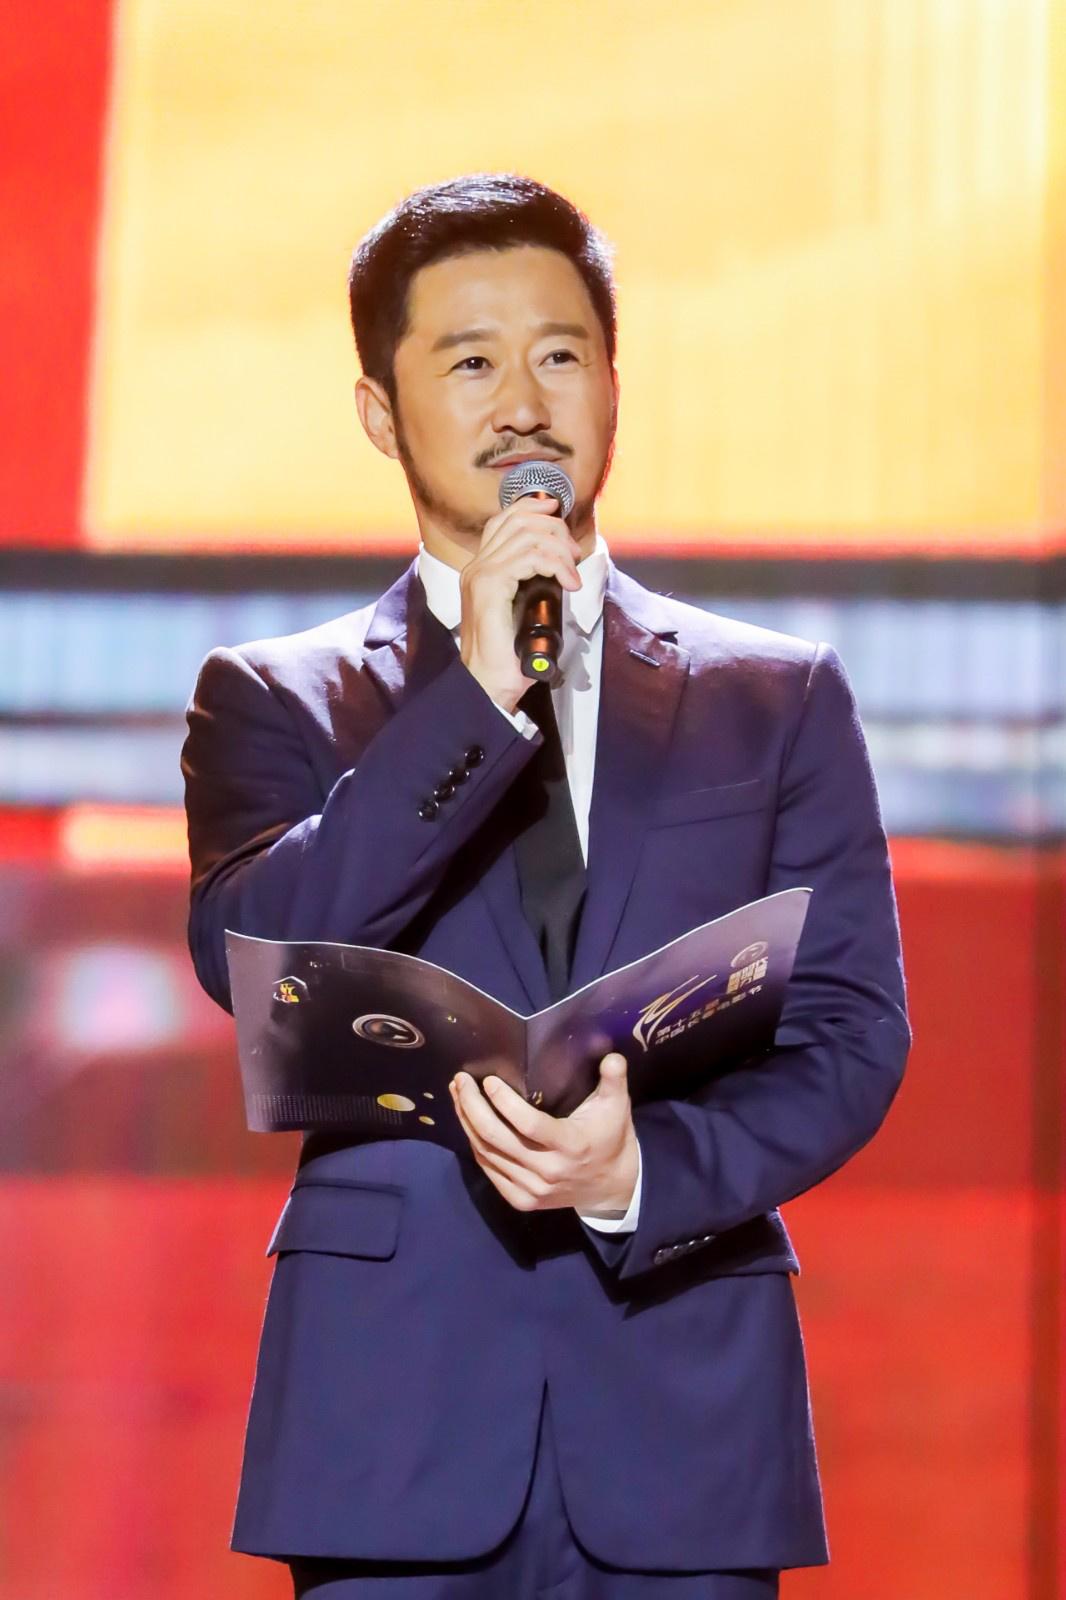 第十五届中国长春电影节正式启动 评委会集体亮相